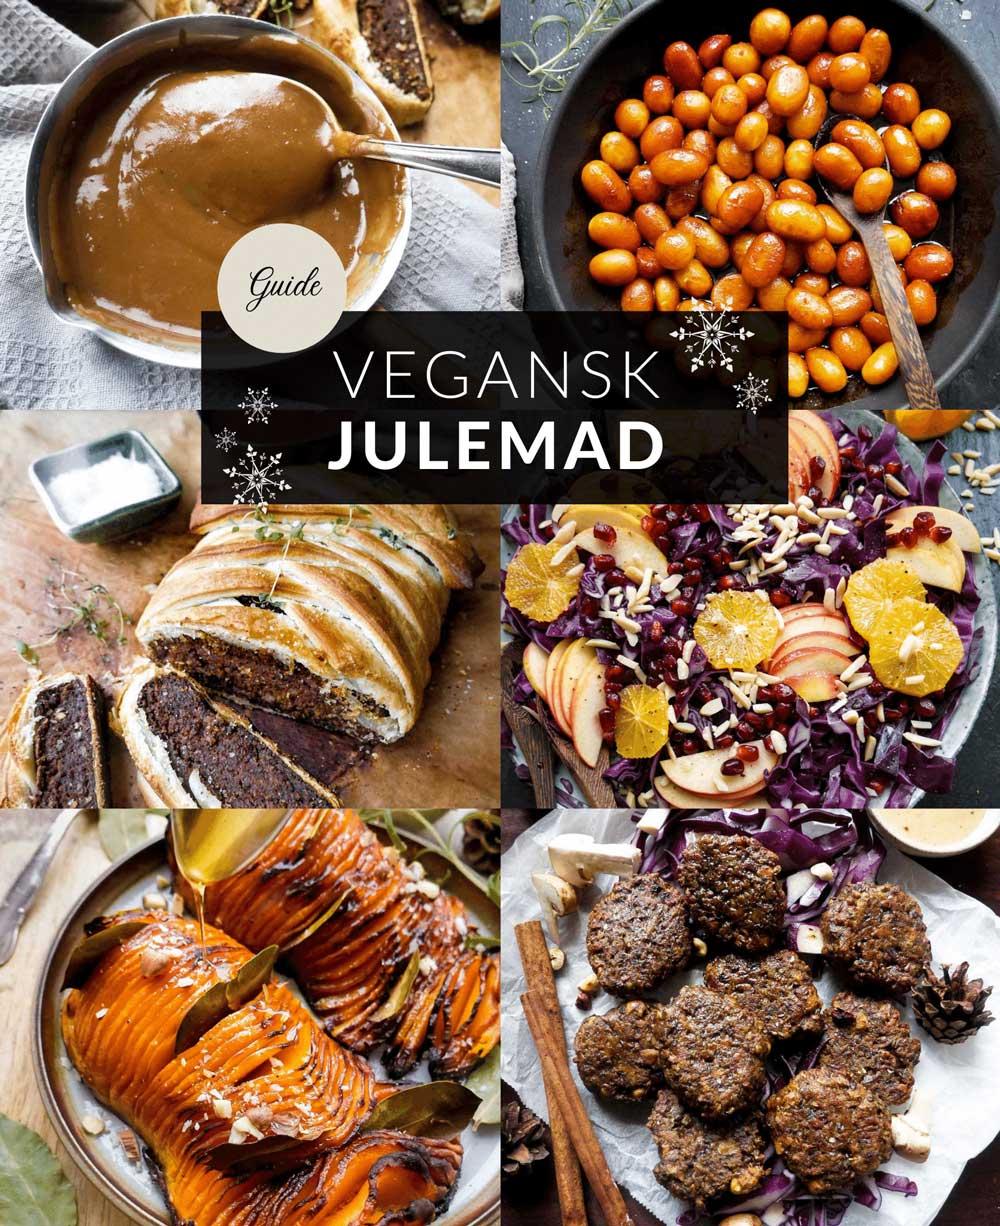 guide til vegansk julemad til julemiddag juleaften